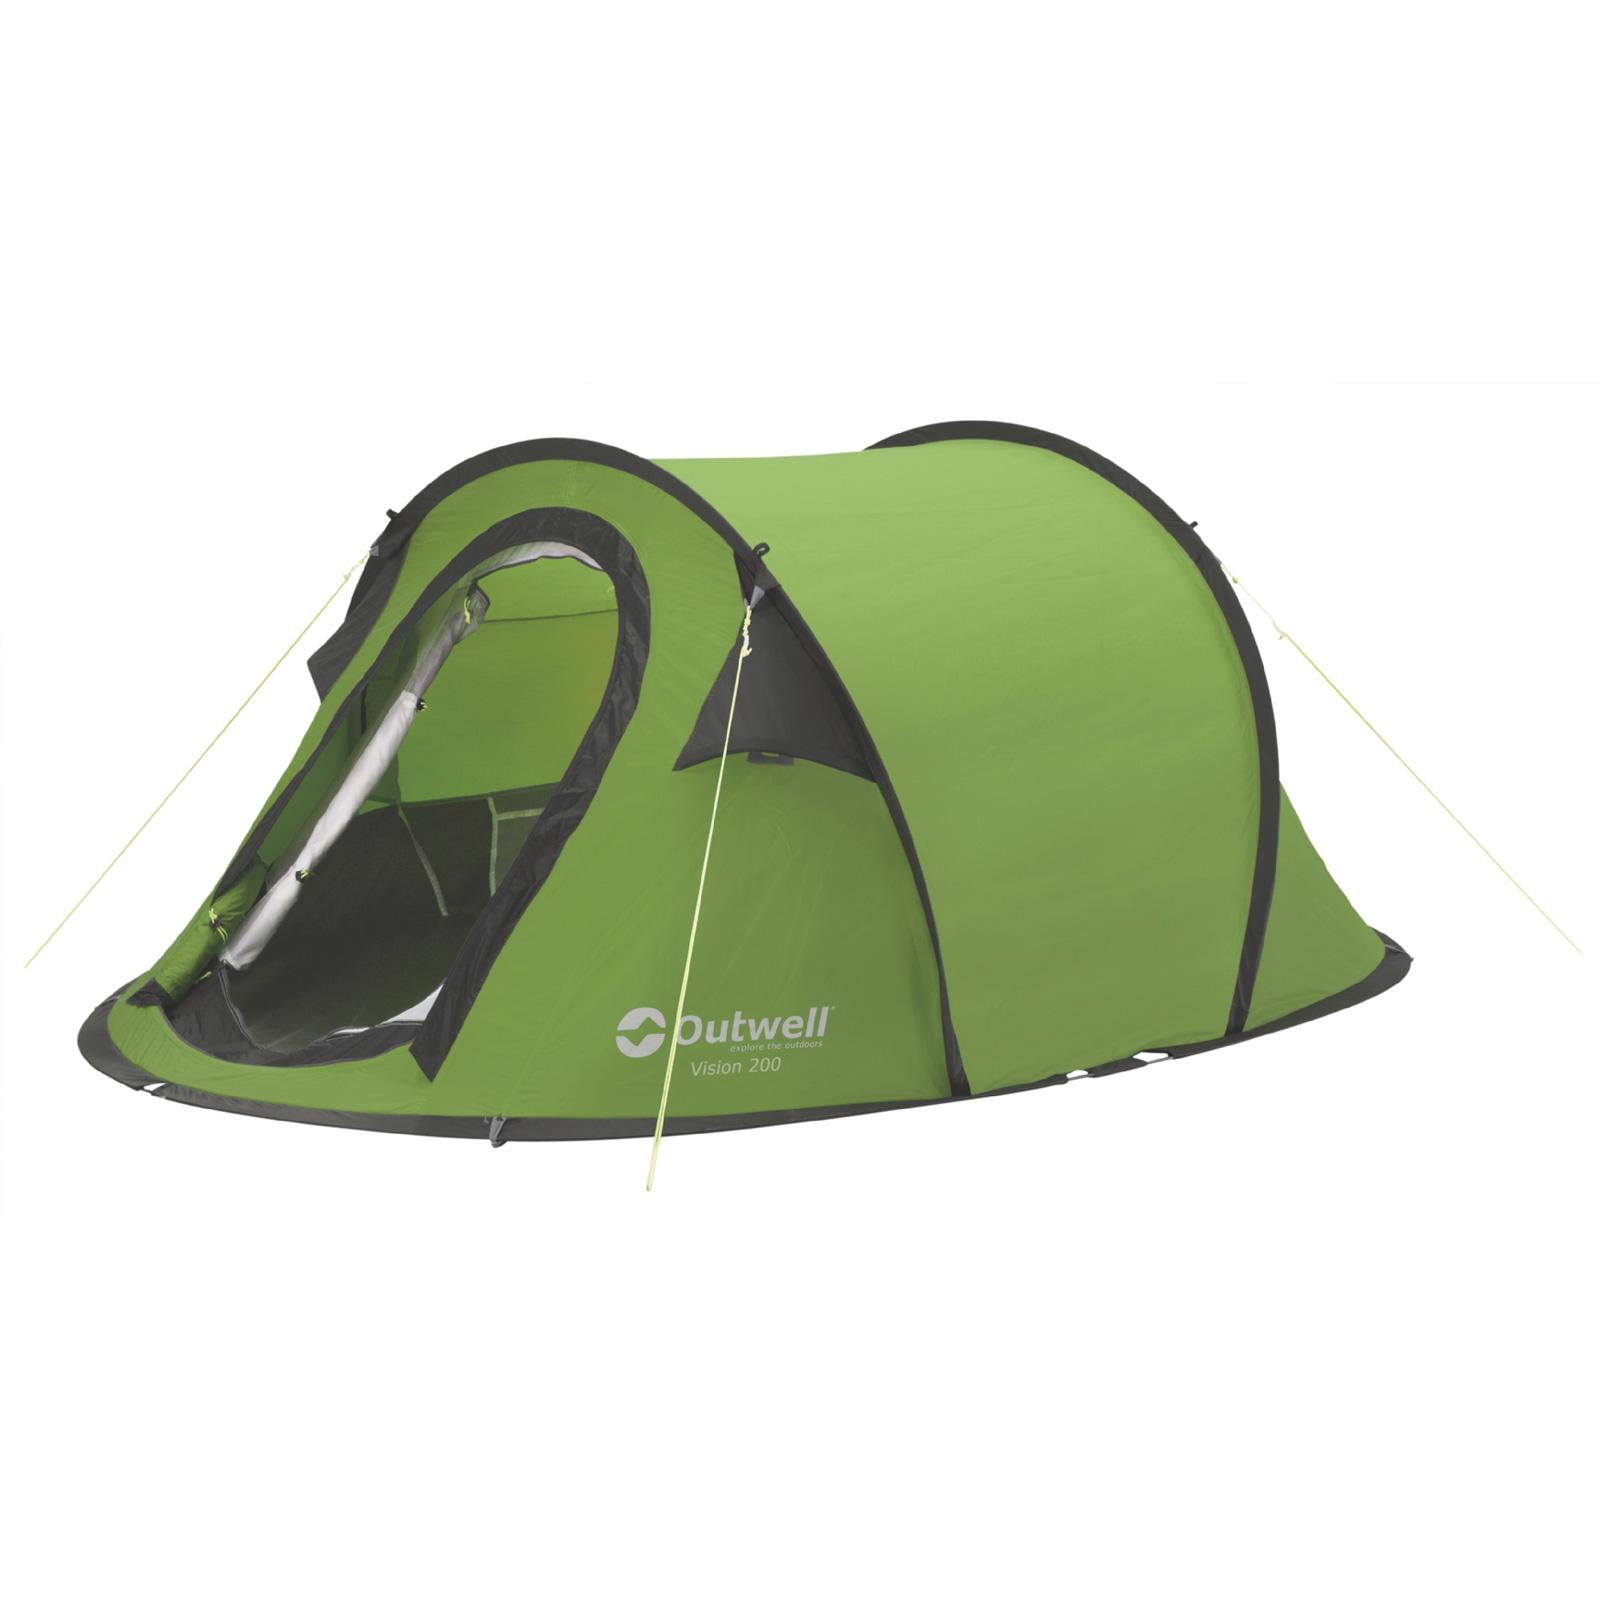 Wurfzelt OUTWELL Vision 200 grün Pop Up Zelt 2 Personen